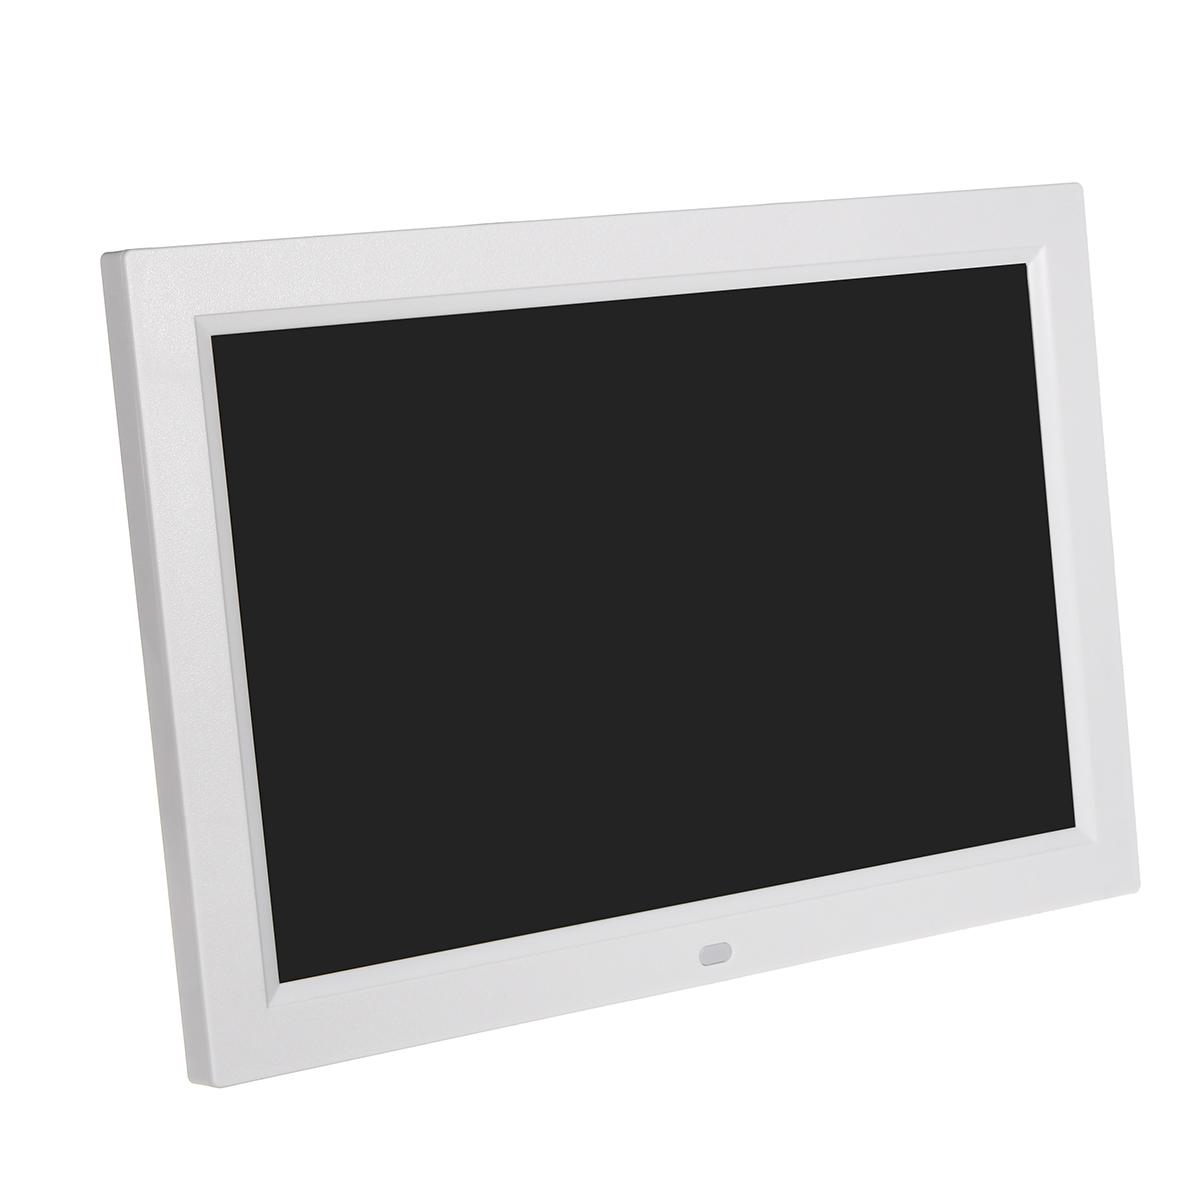 12 дюймов 1080P Цифровая фоторамка с поддержкой карты памяти Дистанционное Управление USB